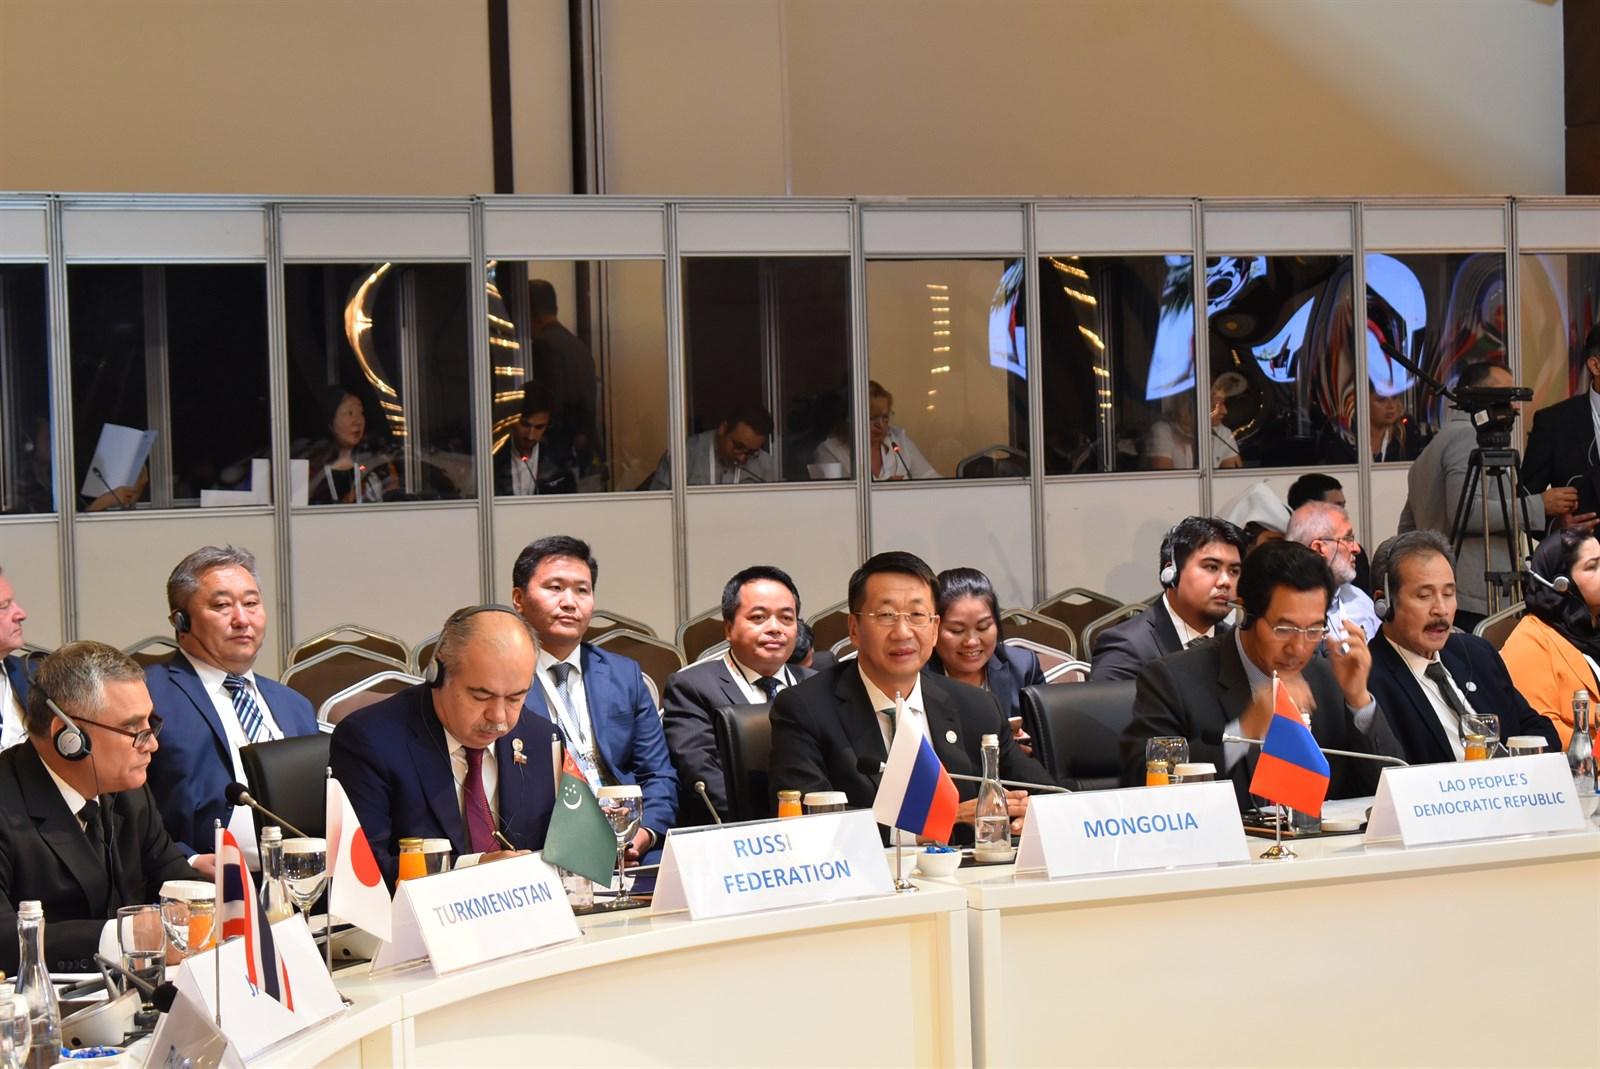 УИХ-ын дэд дарга Л.Энх-Амгалан Евразийн парламентын спикерүүдийн III чуулга уулзалтад оролцож байна